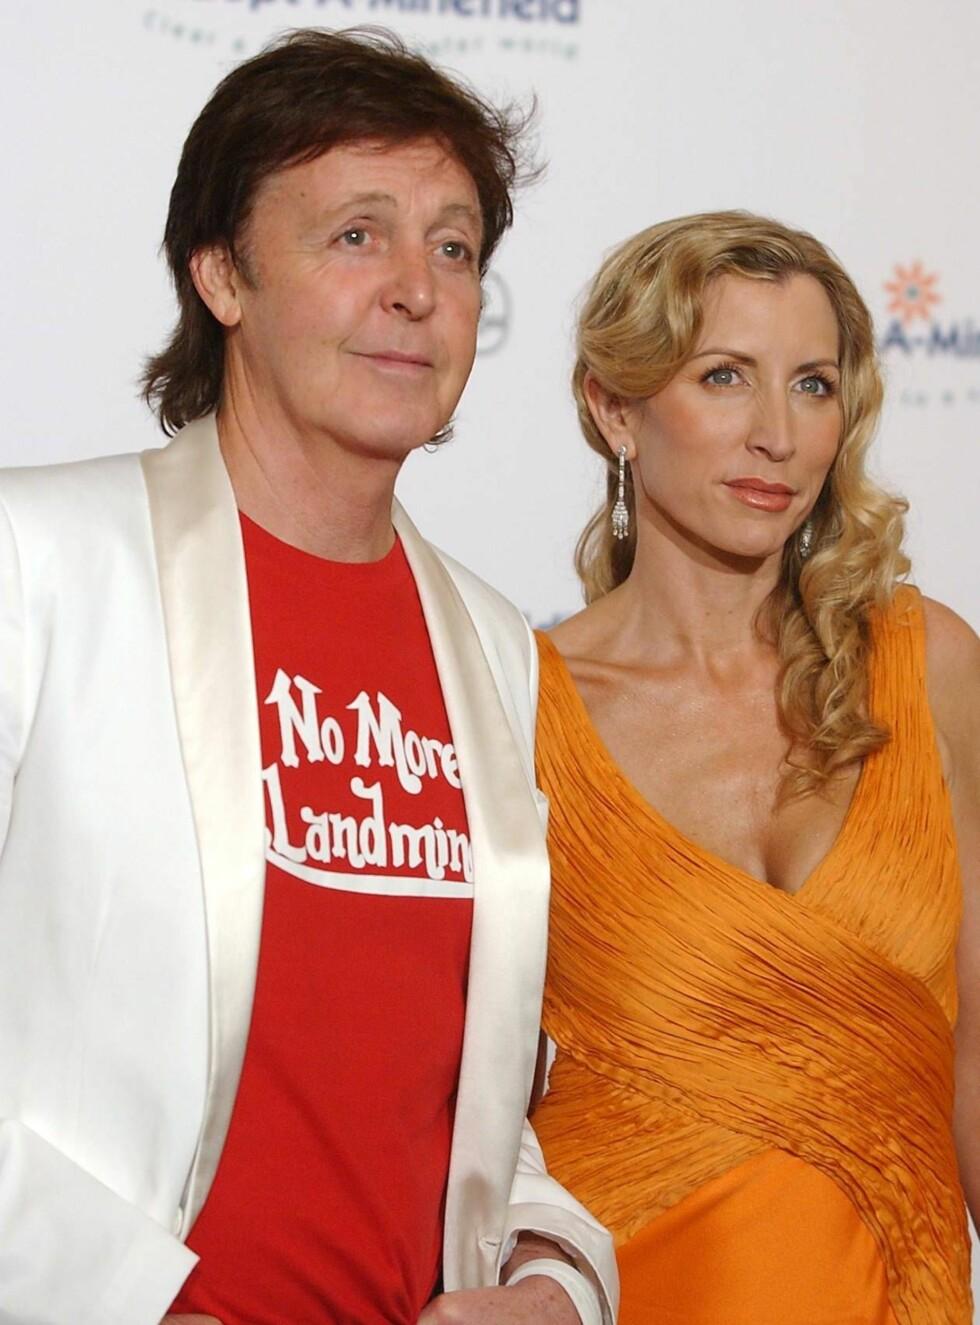 SAMMEN: Heather og Paul har hatt en av tidenes mest omtalte skilsmisser. Hvor mange millioner vil Mills egentlig ha? Foto: AP/Scanpix